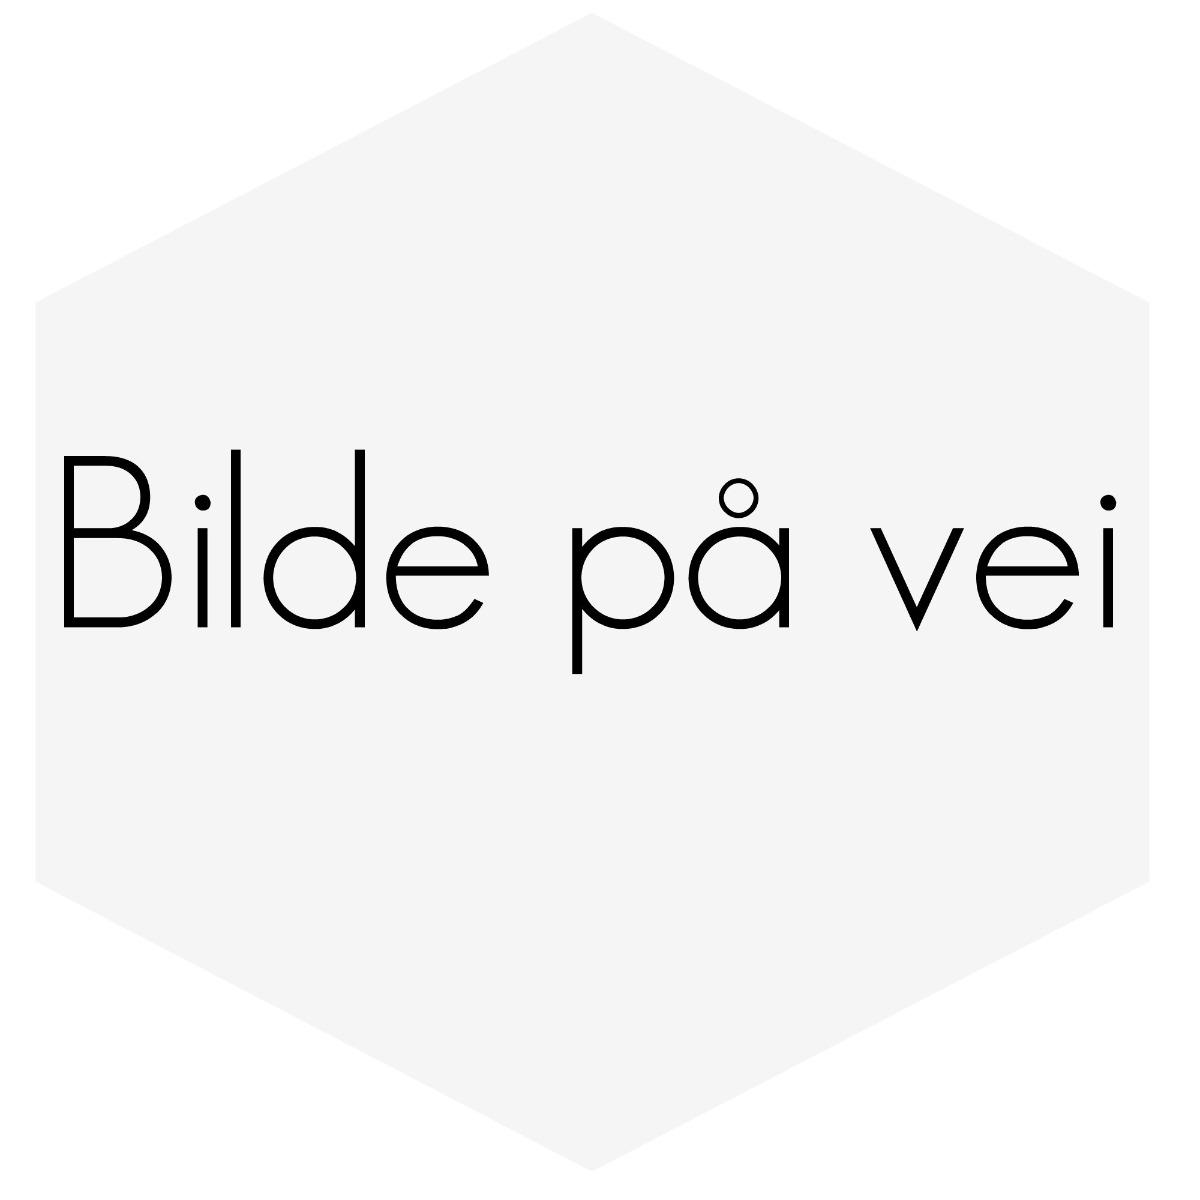 FORSKJERM PV/DUETT ORIGINAL UBRUKT NOS HØYRE FORAN